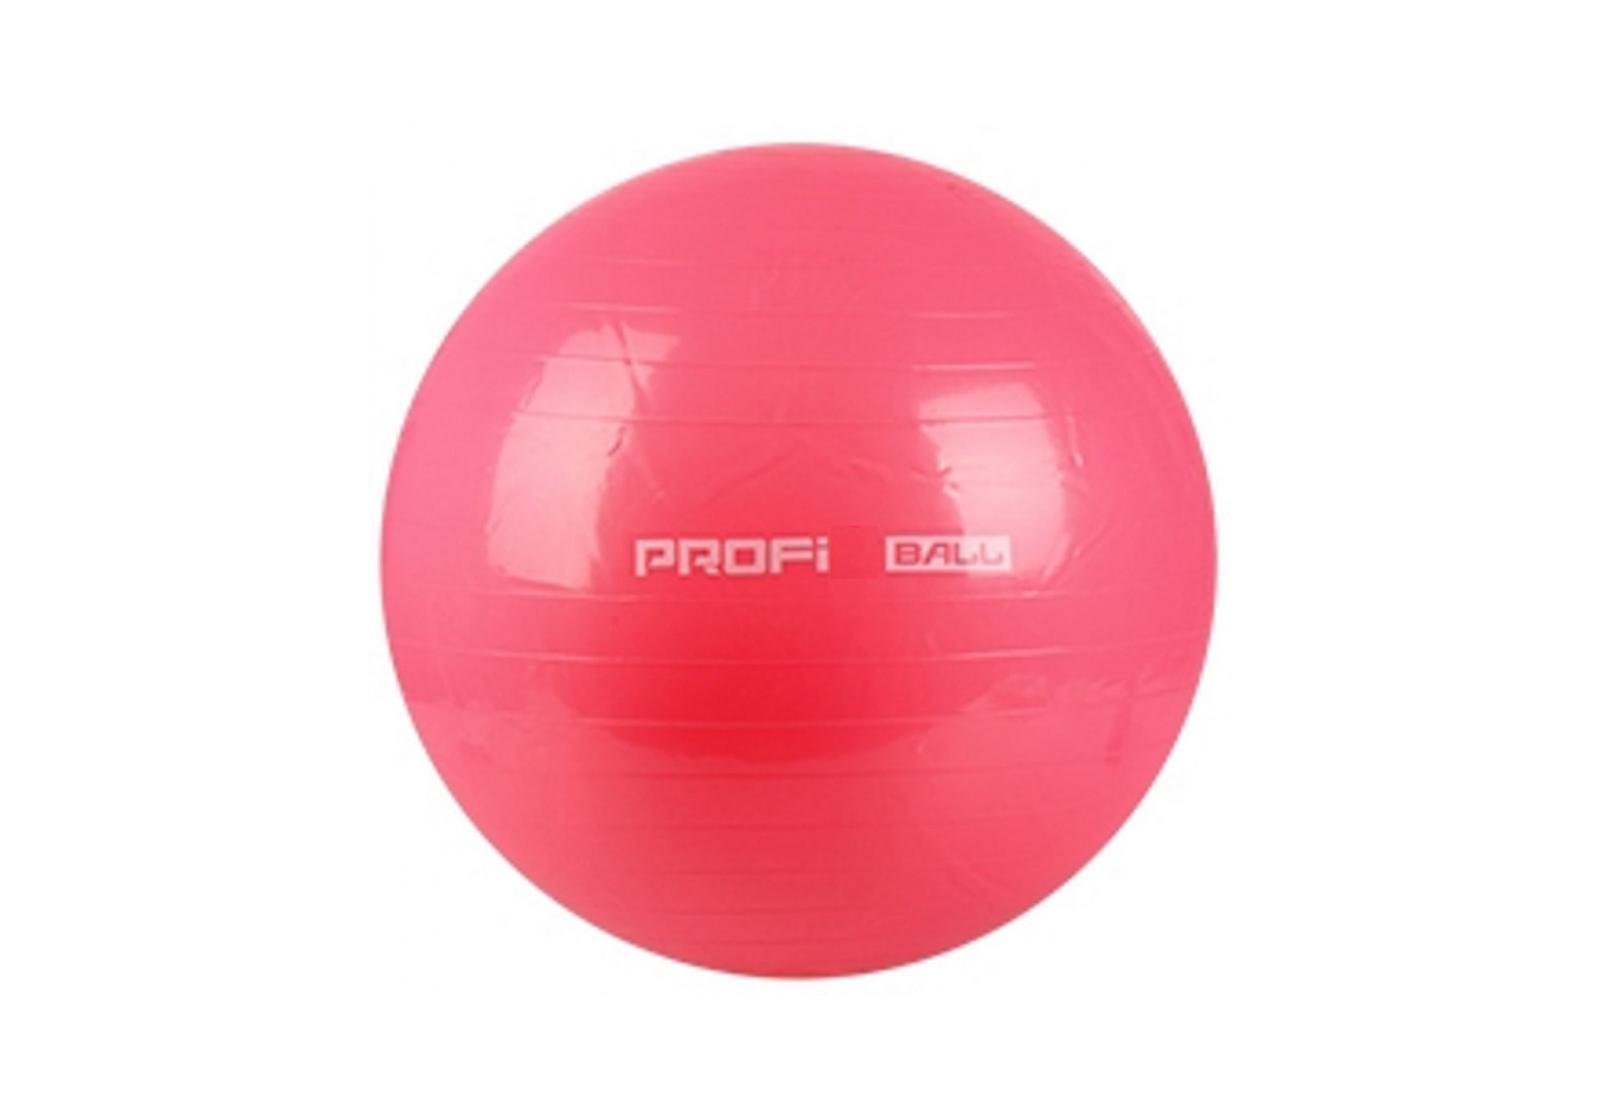 fitbol-myach-dlya-fitnesa-i-jogi-profitball-65-sm-6.jpg